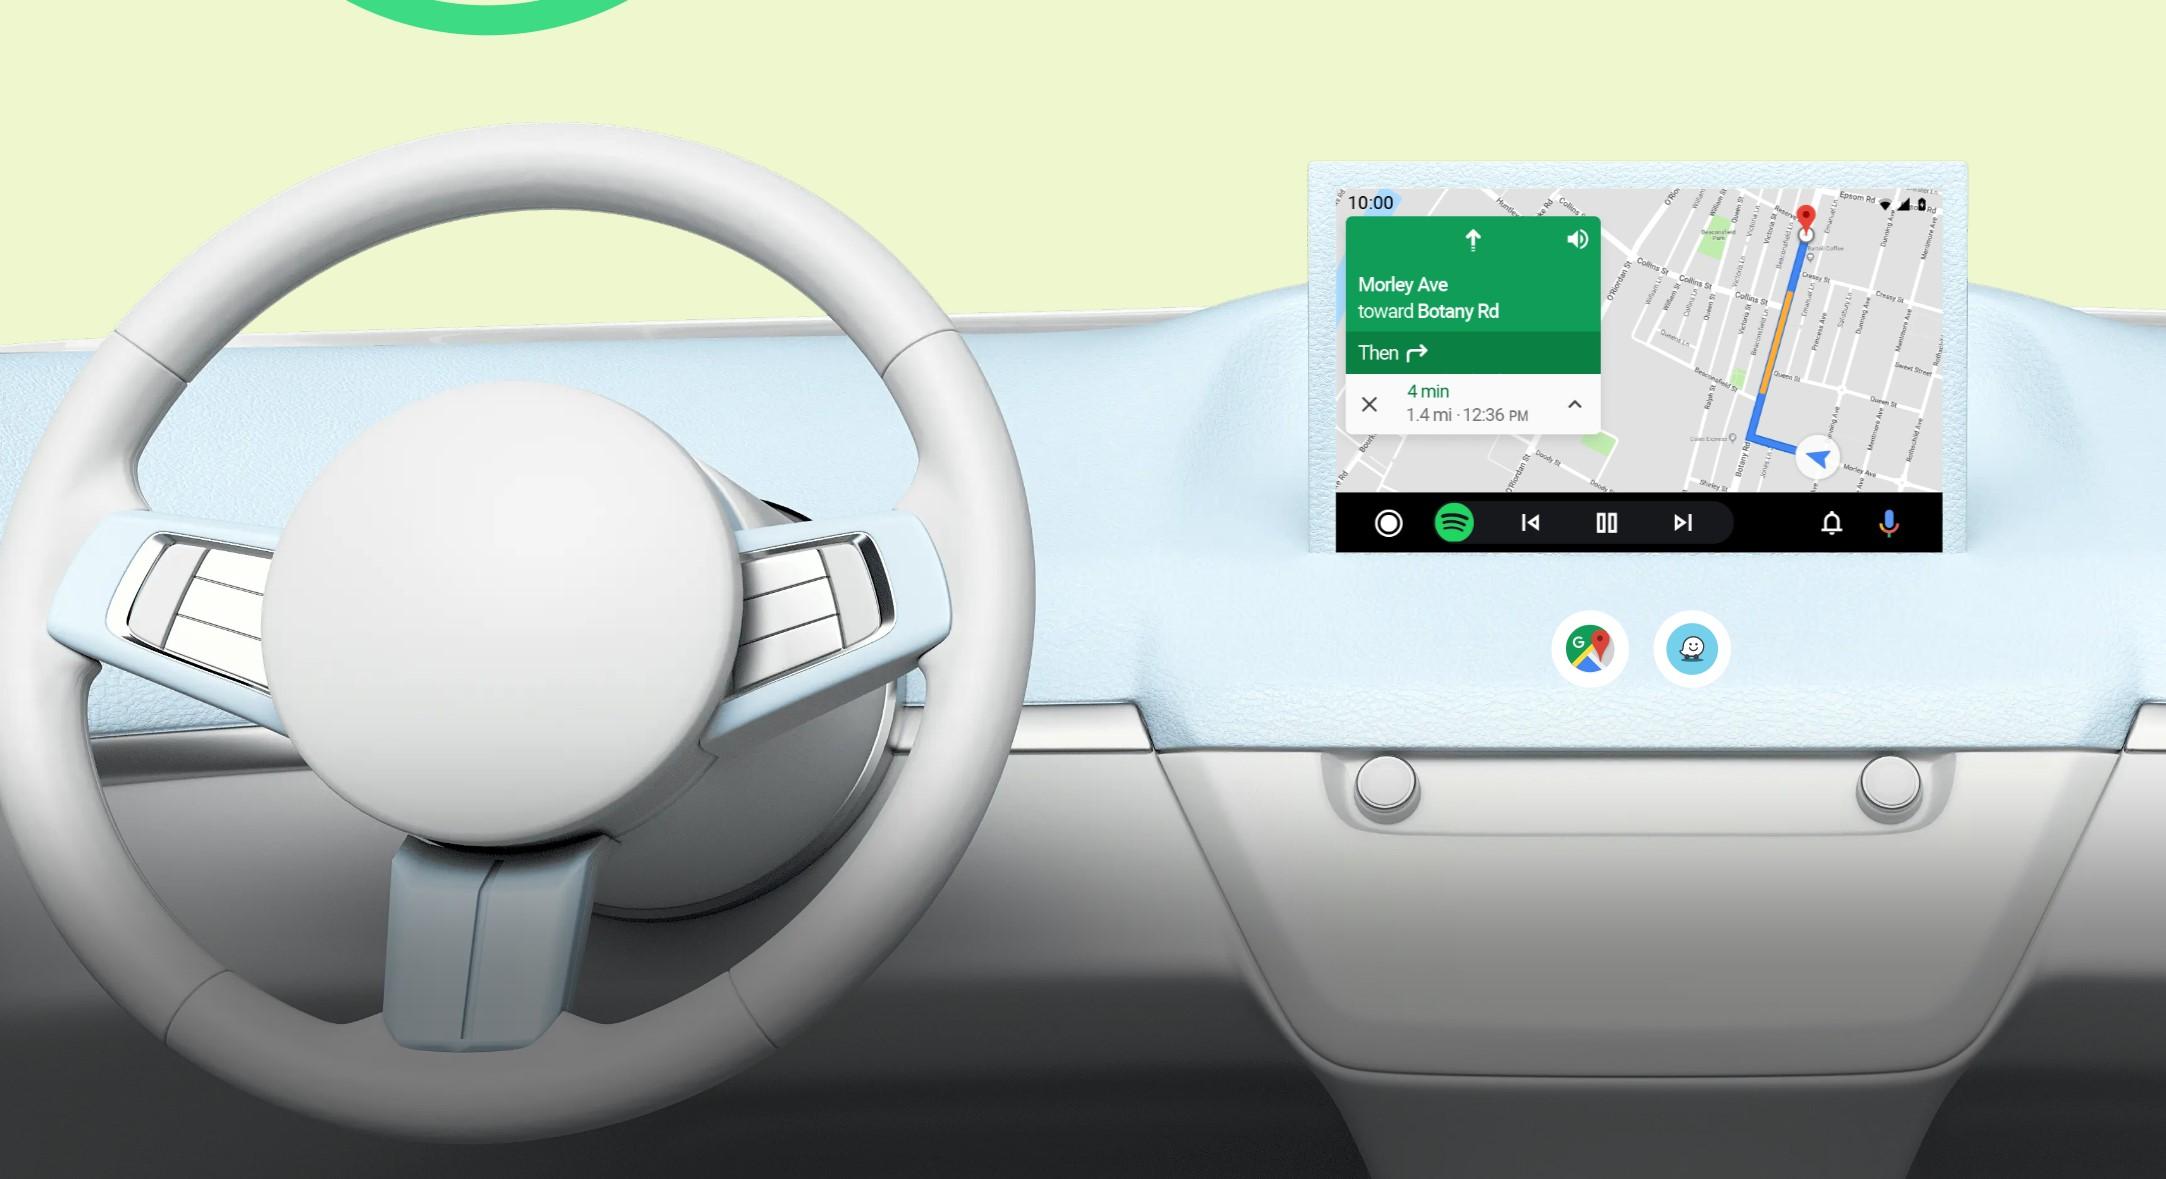 Android Car Poloniara gerturatzen ari da?  Aplikazioa Play dendatik instalatu ahal izan genuen